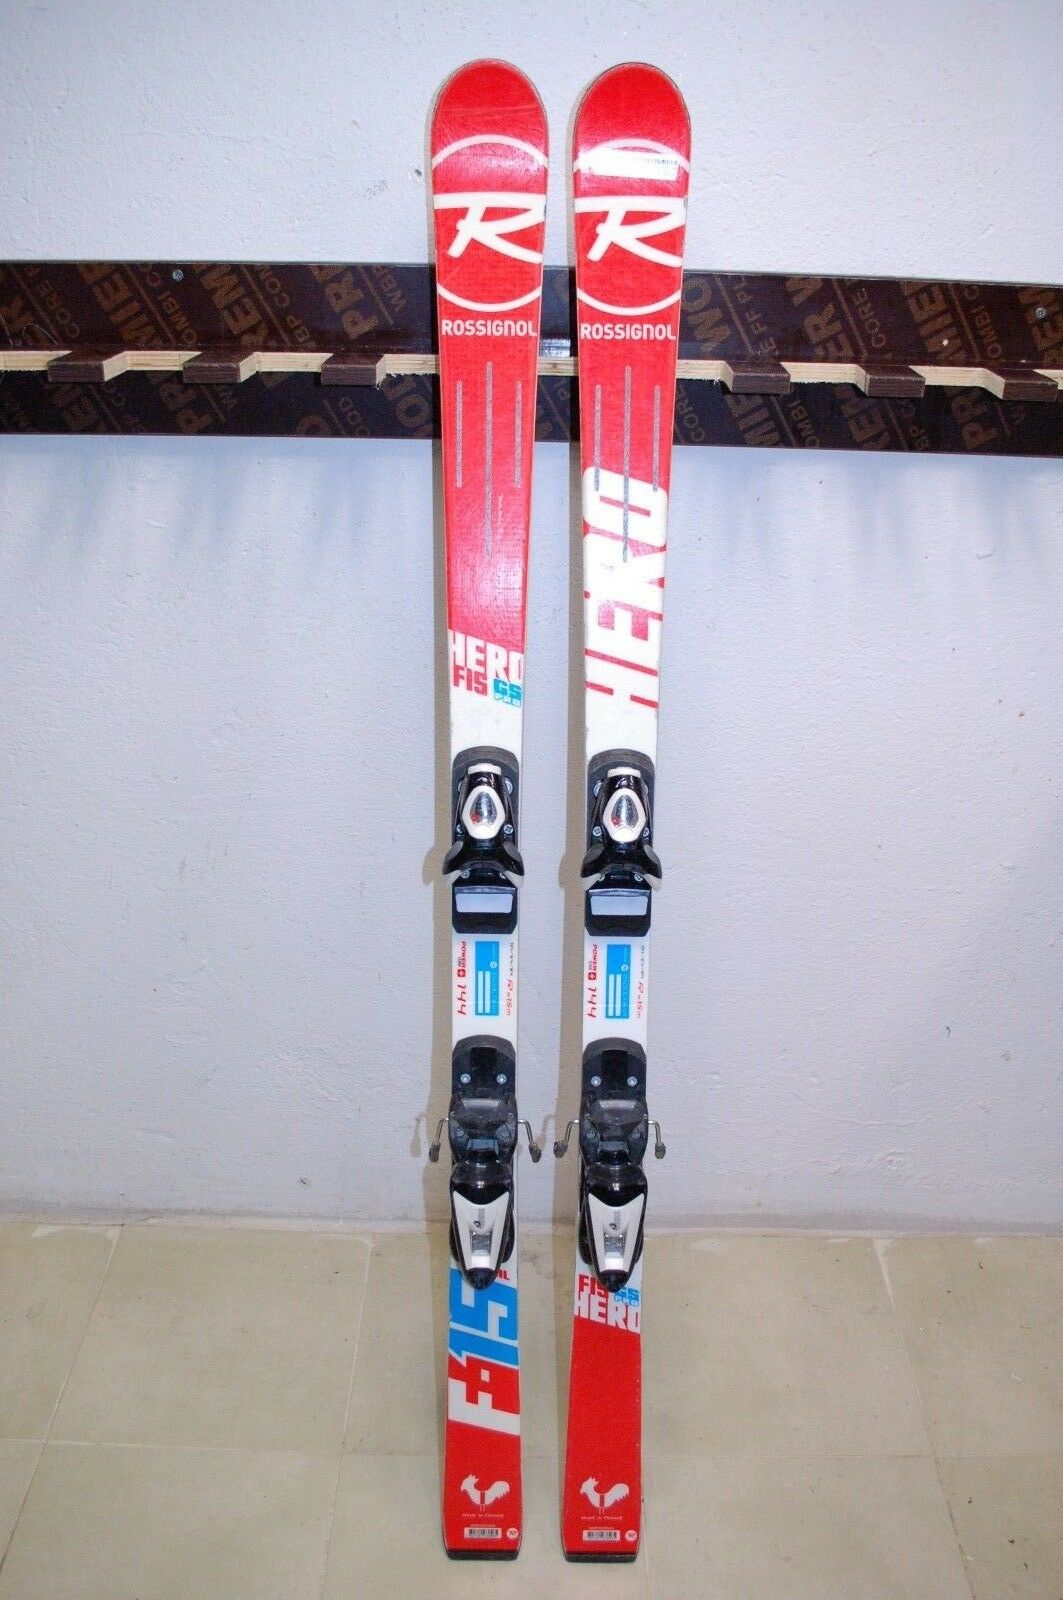 Rossignol Rossignol Rossignol Hero FIS GS Pro 144 cm Ski + Rossignol Axium 7 Bindings 0d2575